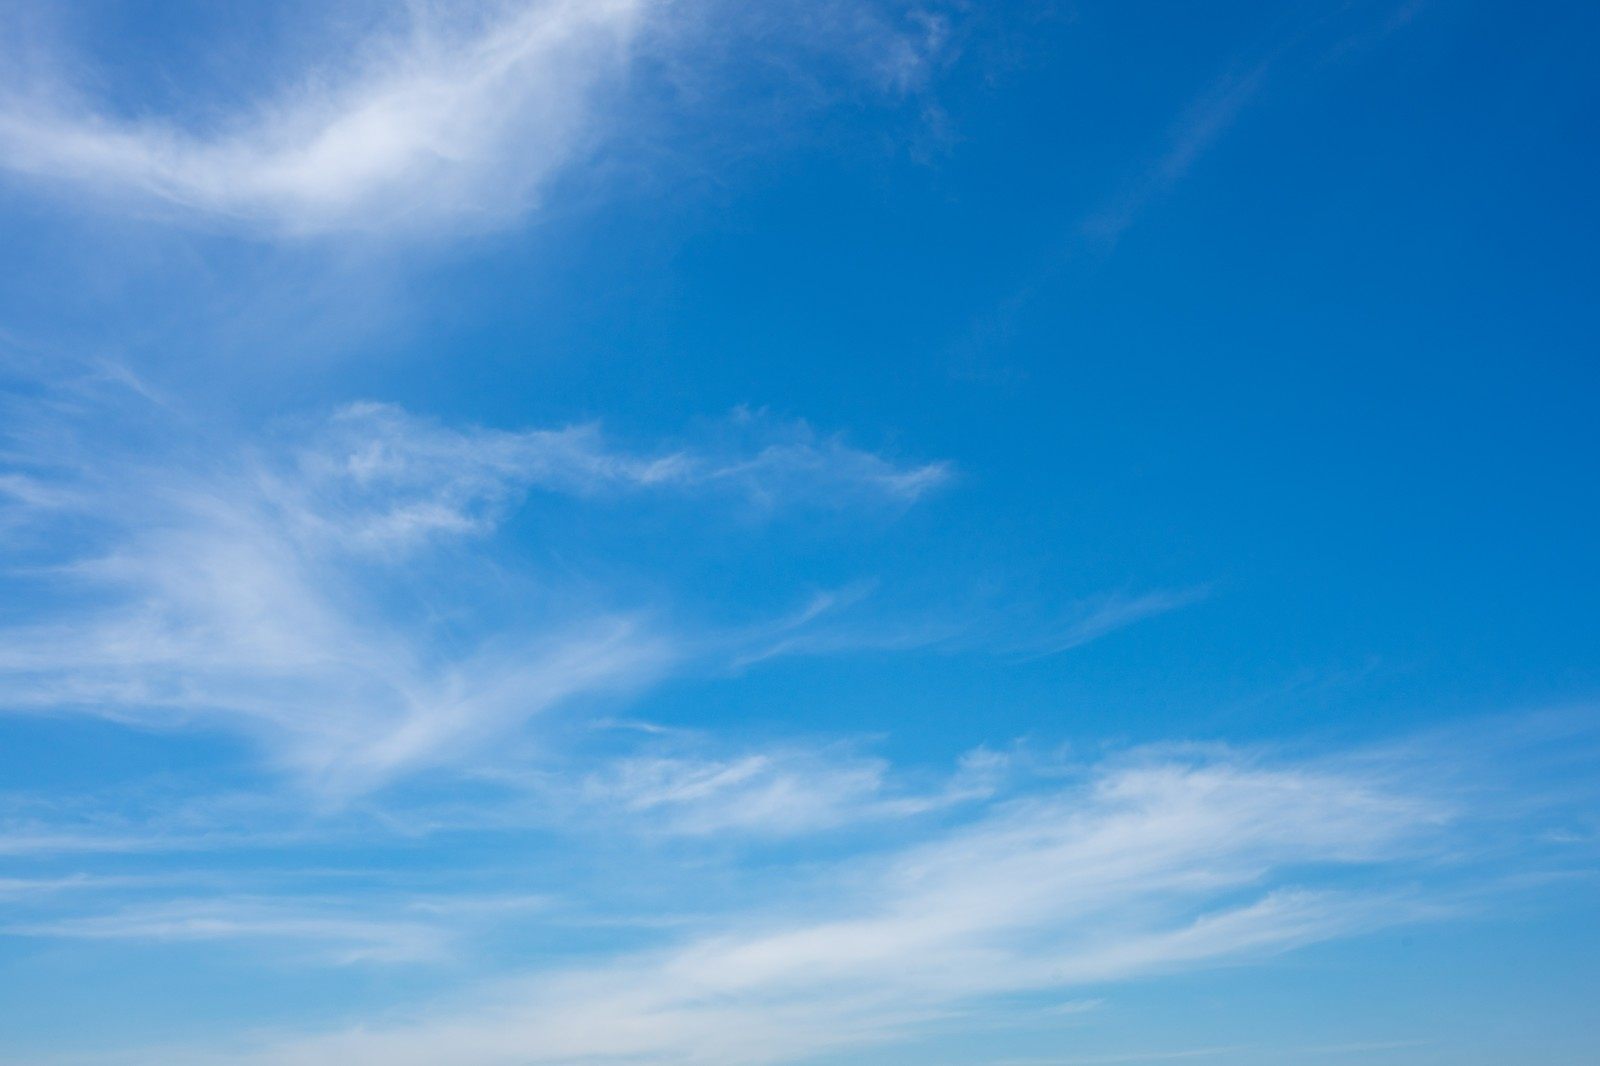 「青空に薄い雲 | 写真の無料素材・フリー素材 - ぱくたそ」の写真